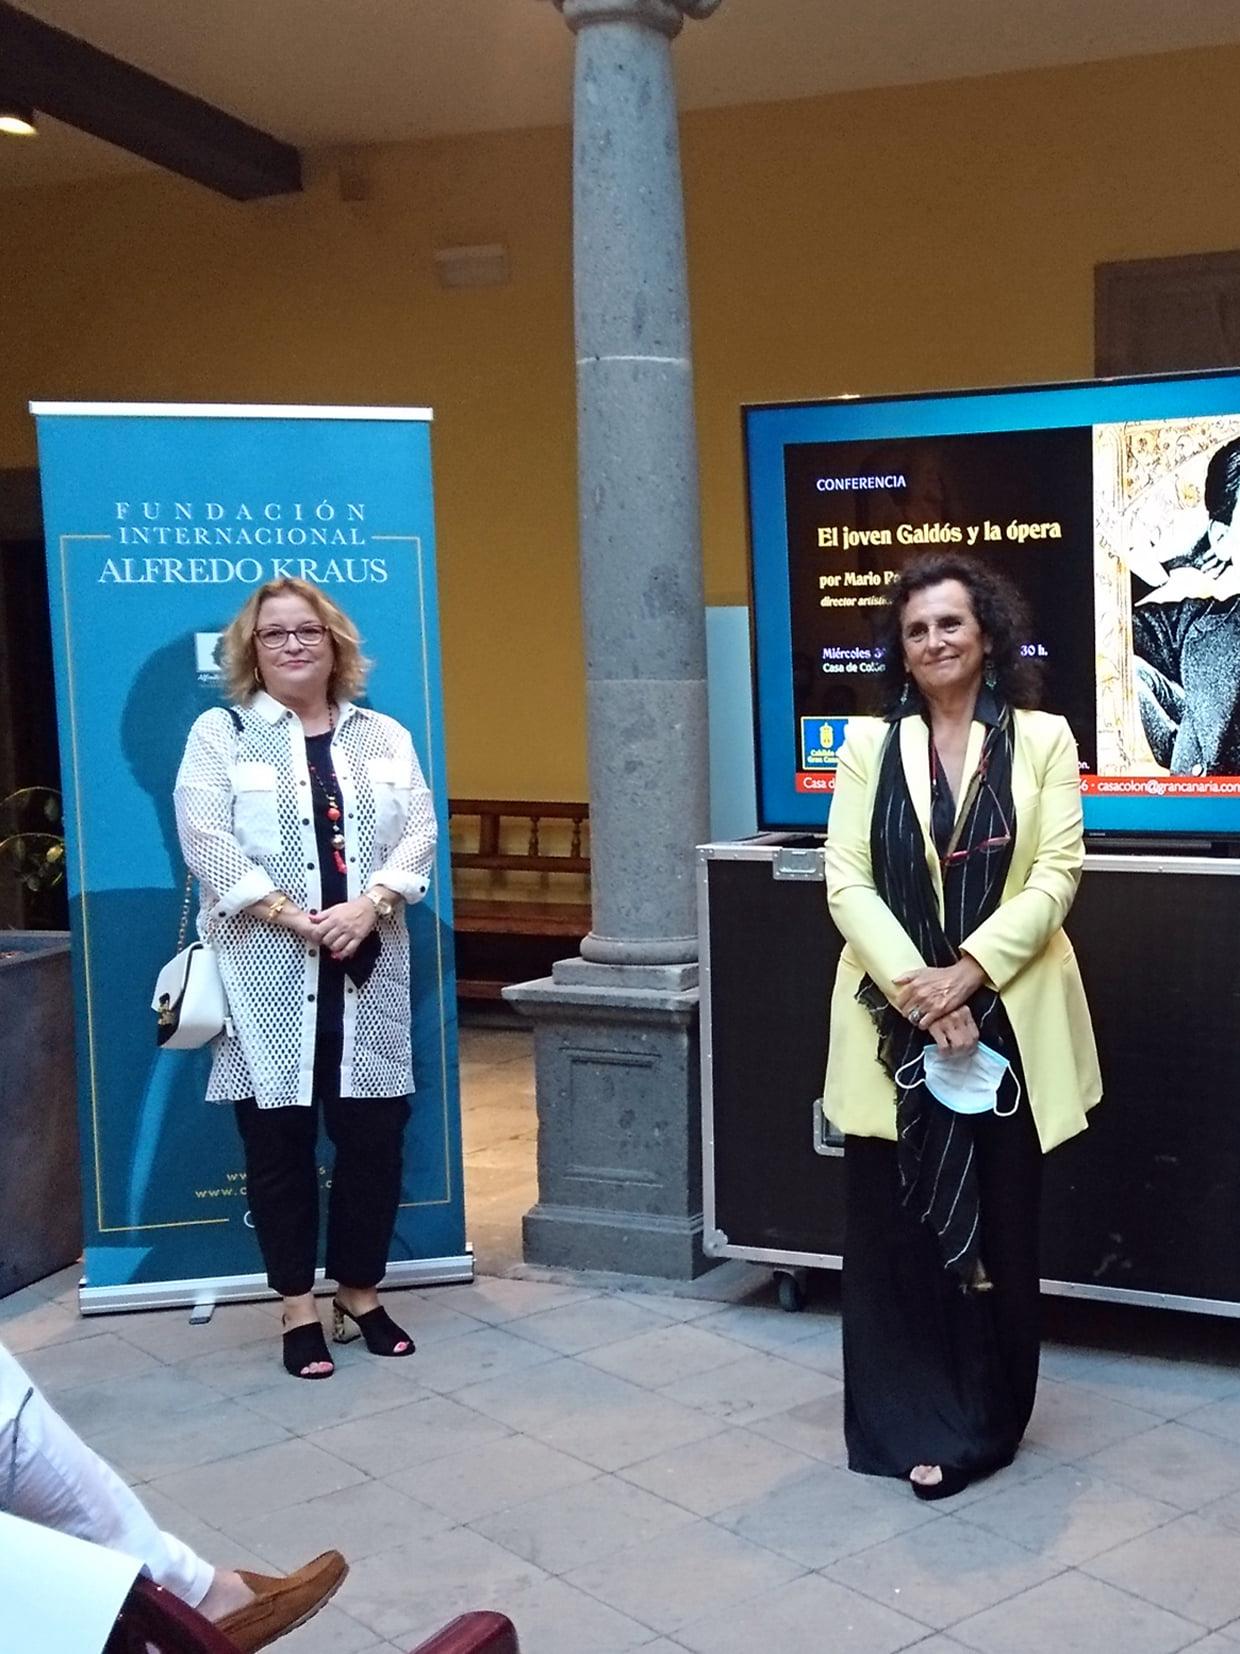 Mario Pontiggia rememora el descubrimiento de la ópera por un joven Galdós en el Teatro Cairasco de la capital grancanaria